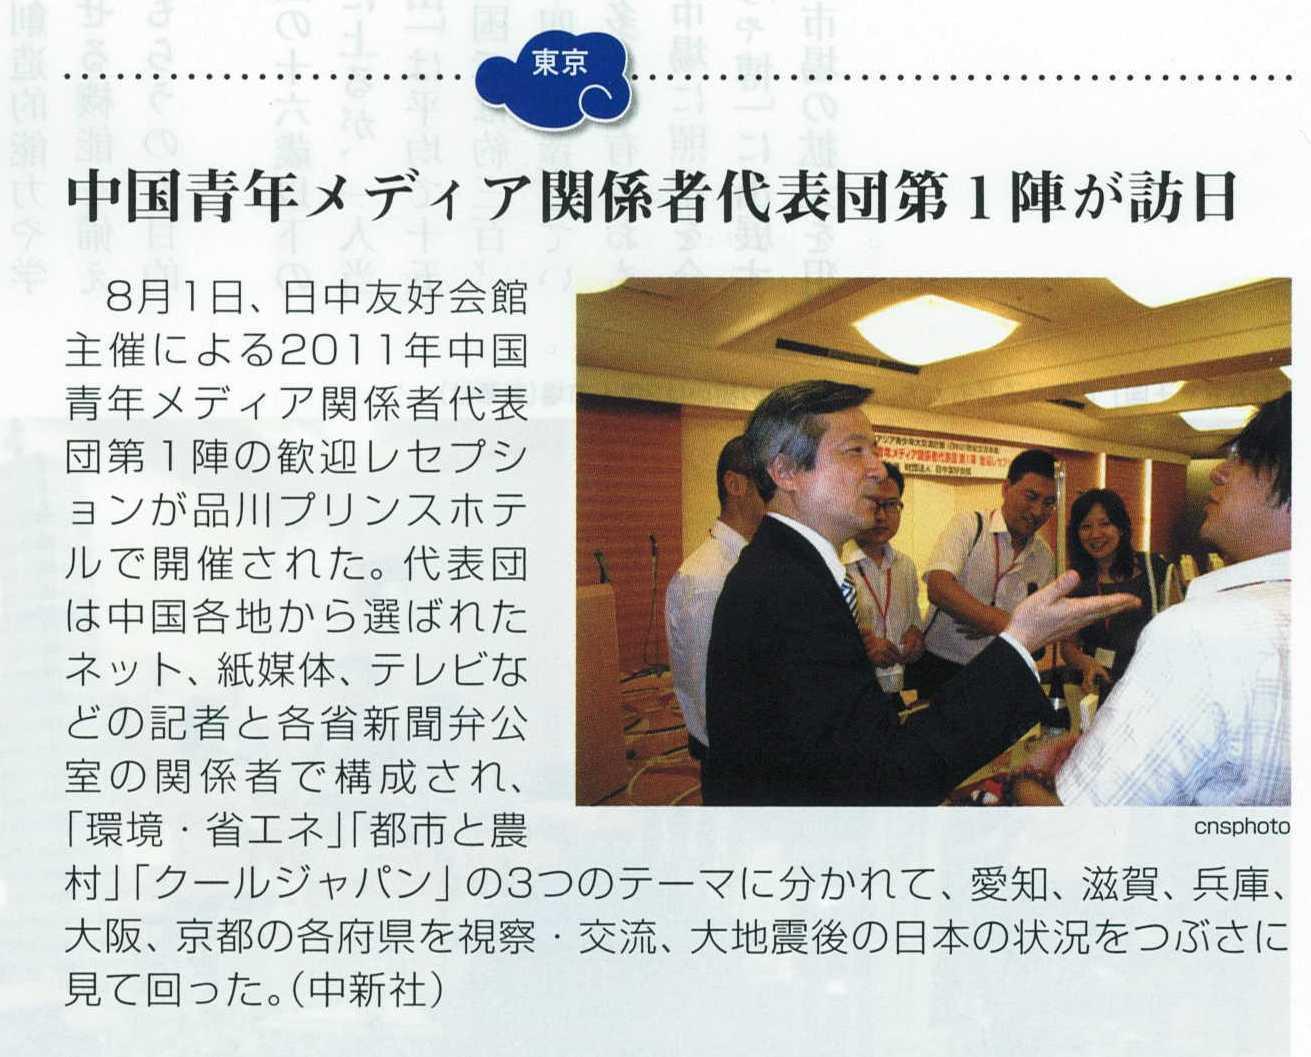 今天收到九月号《人民中国》杂志,段跃中摄影的图片报道被转载了_d0027795_11332416.jpg